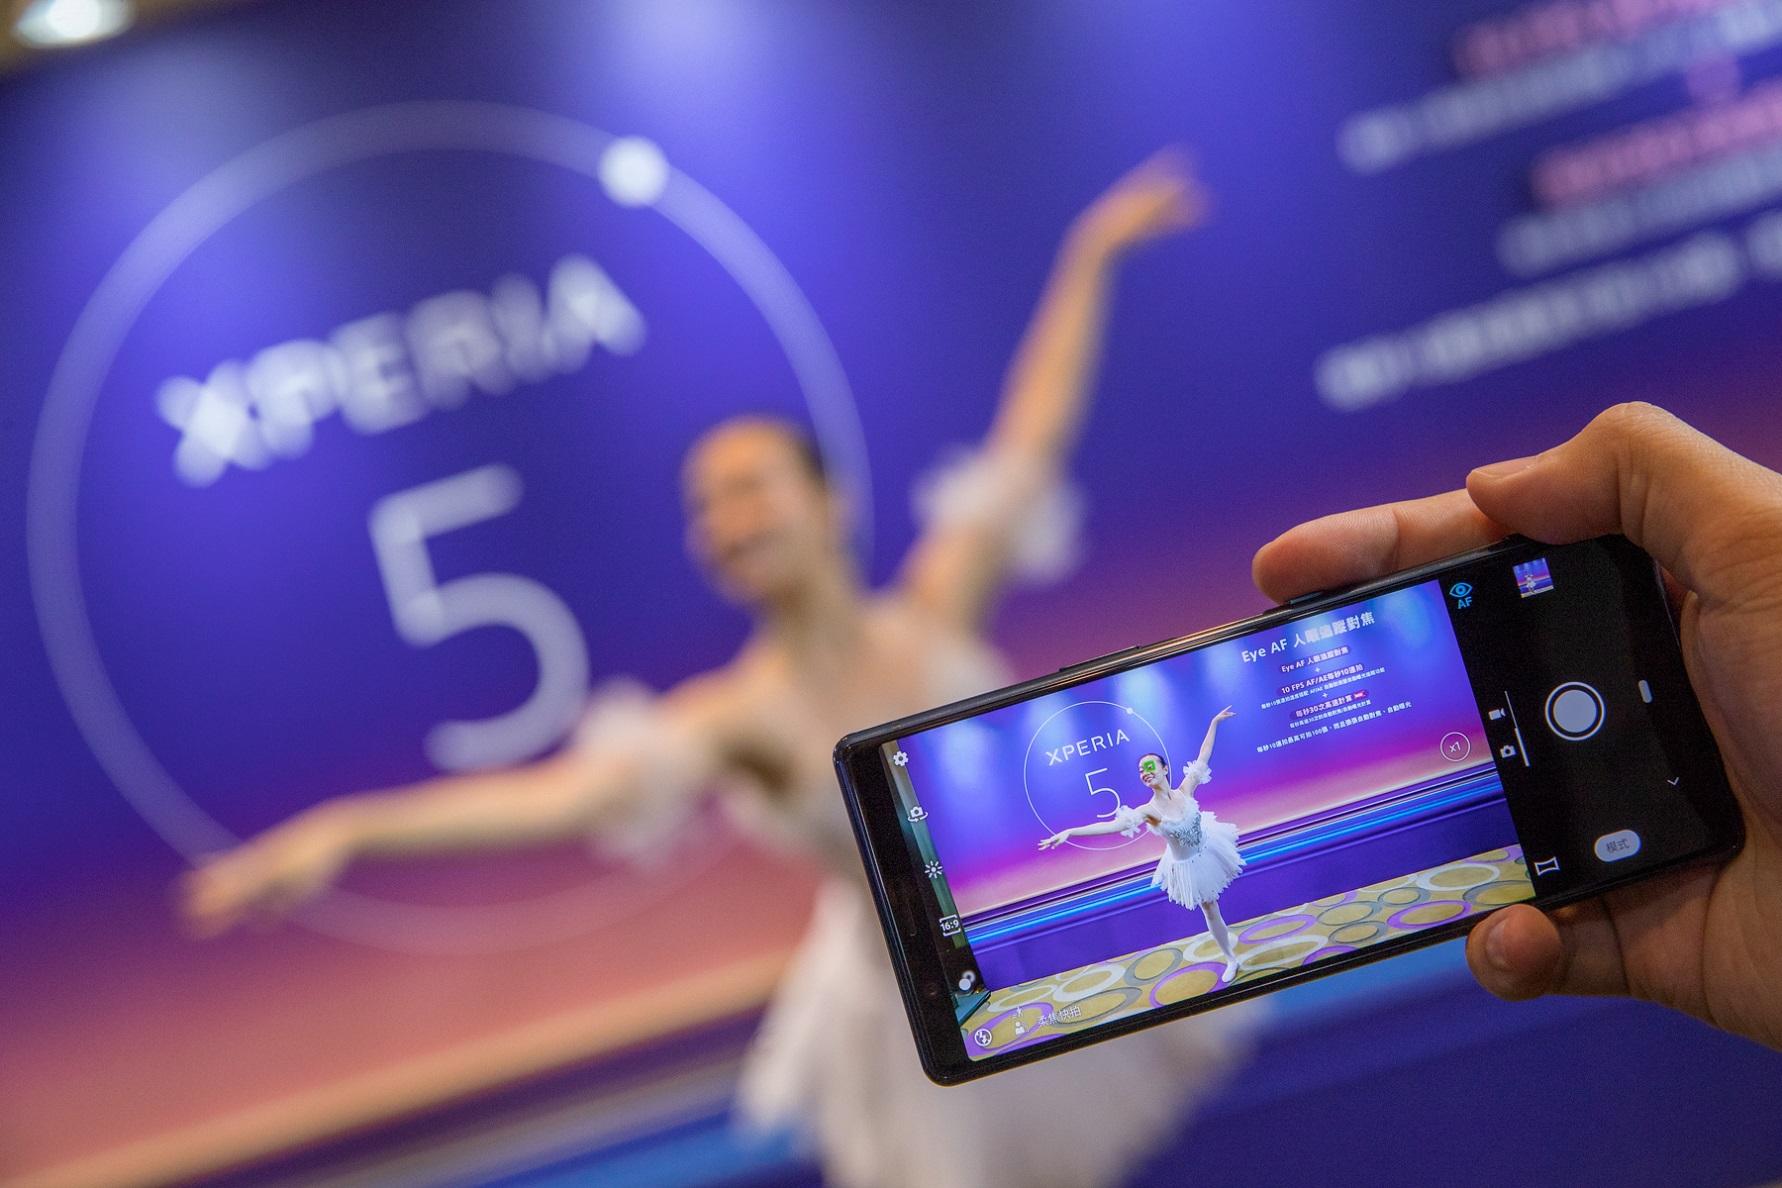 Xperia 1軟體更新,除了專業的人眼追蹤對焦功能,更強化10 fps AF AE能力,每秒高達30次自動對焦與曝光計算。